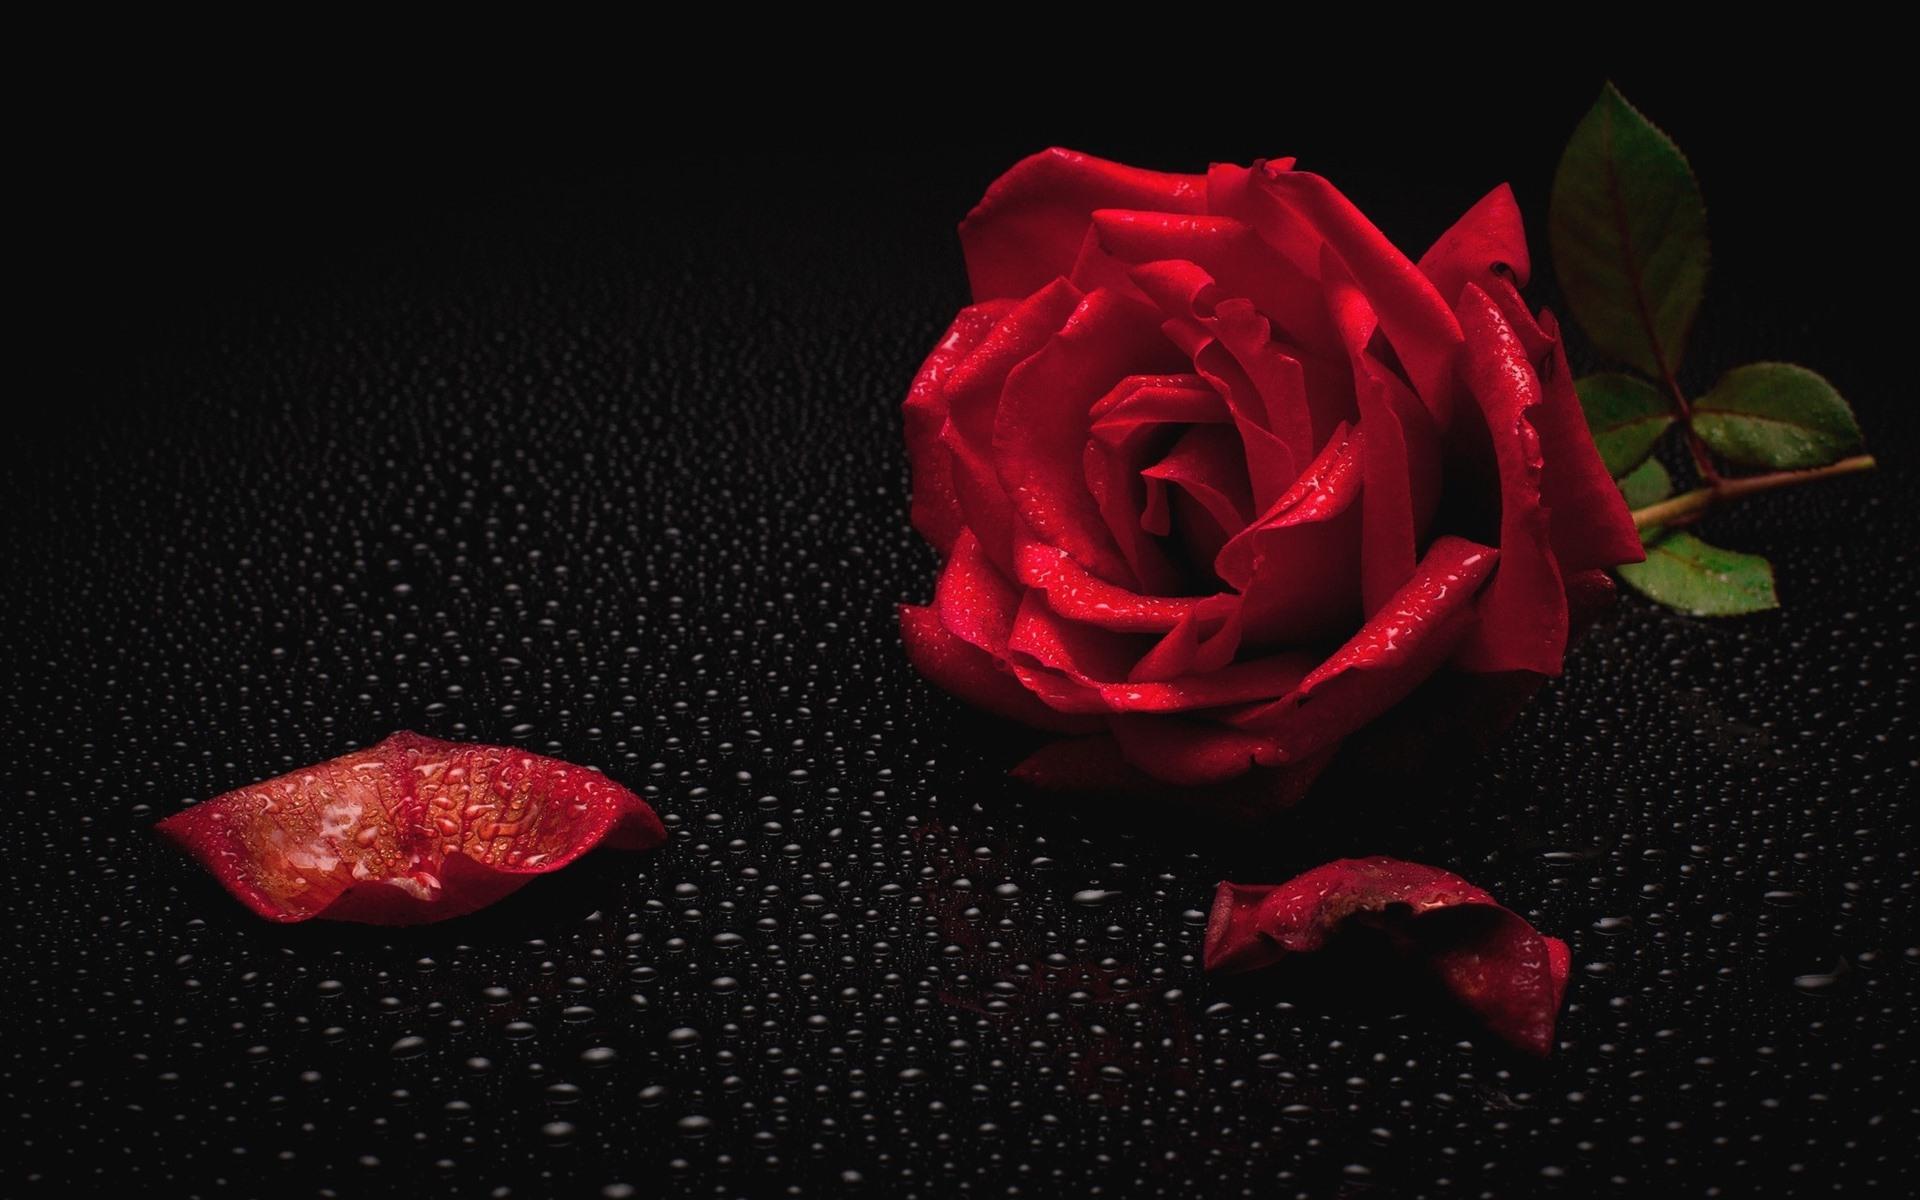 картинка роза на черном фоне с лепестками